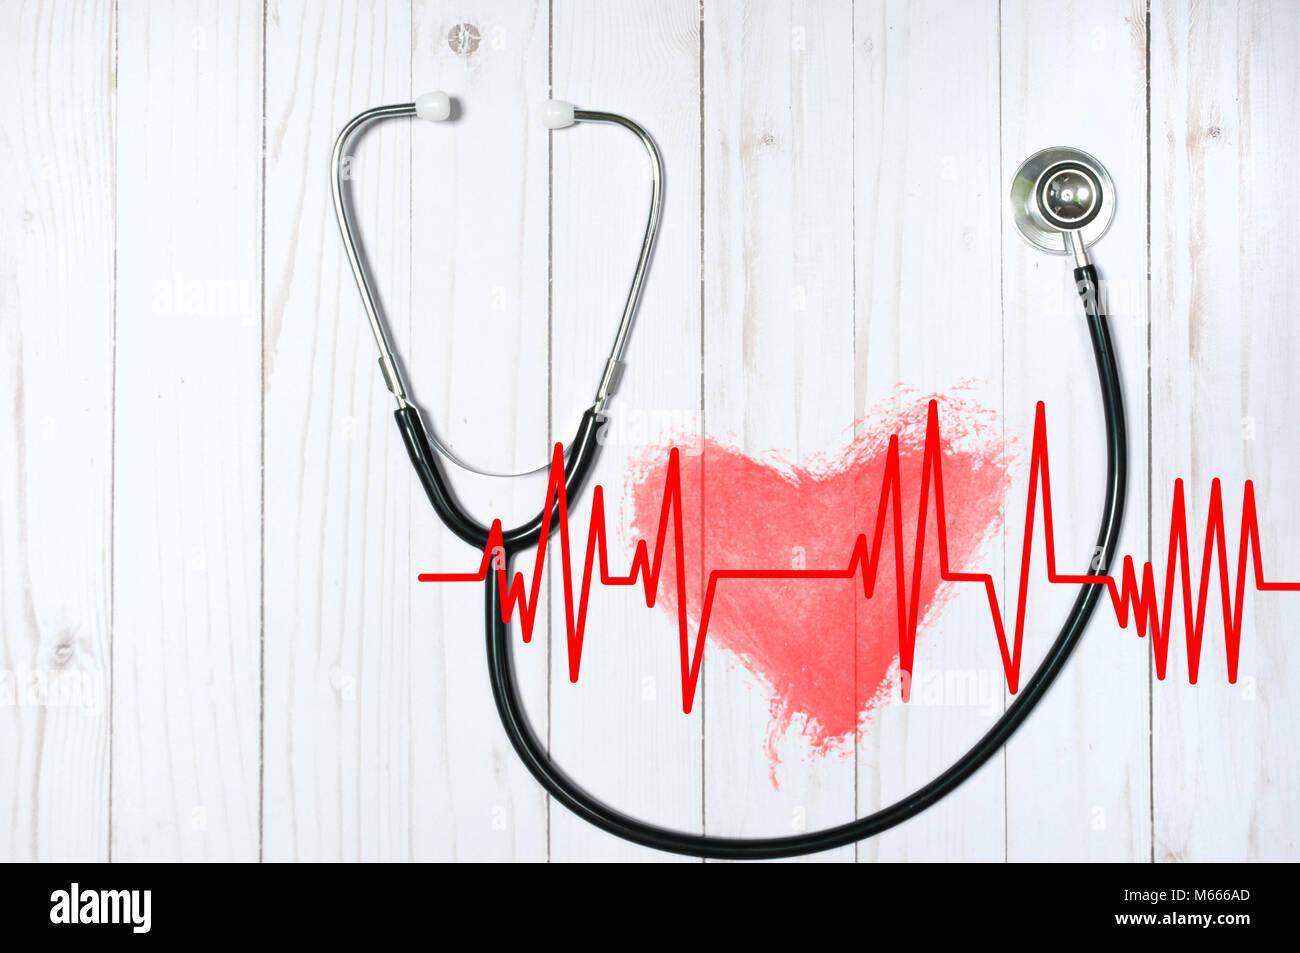 Medical stetoscopio e cuore rosso con cardiogram sulla scrivania. I concetti di salute Immagini Stock